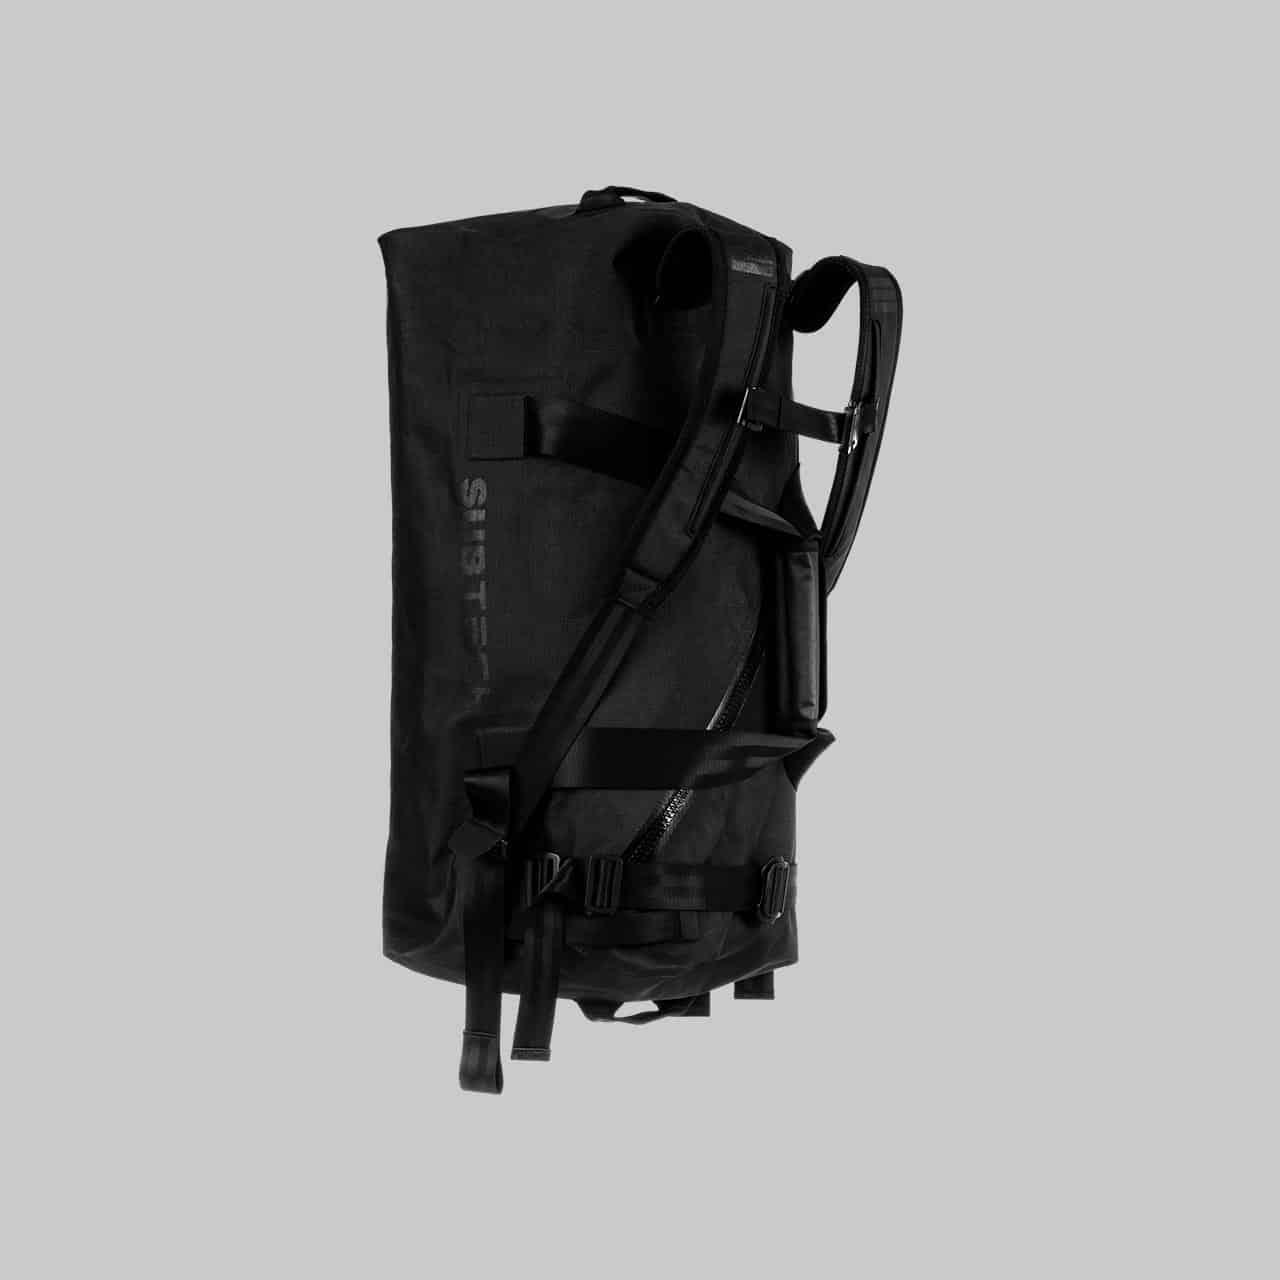 ProAction 45L Waterproof Rucksack.